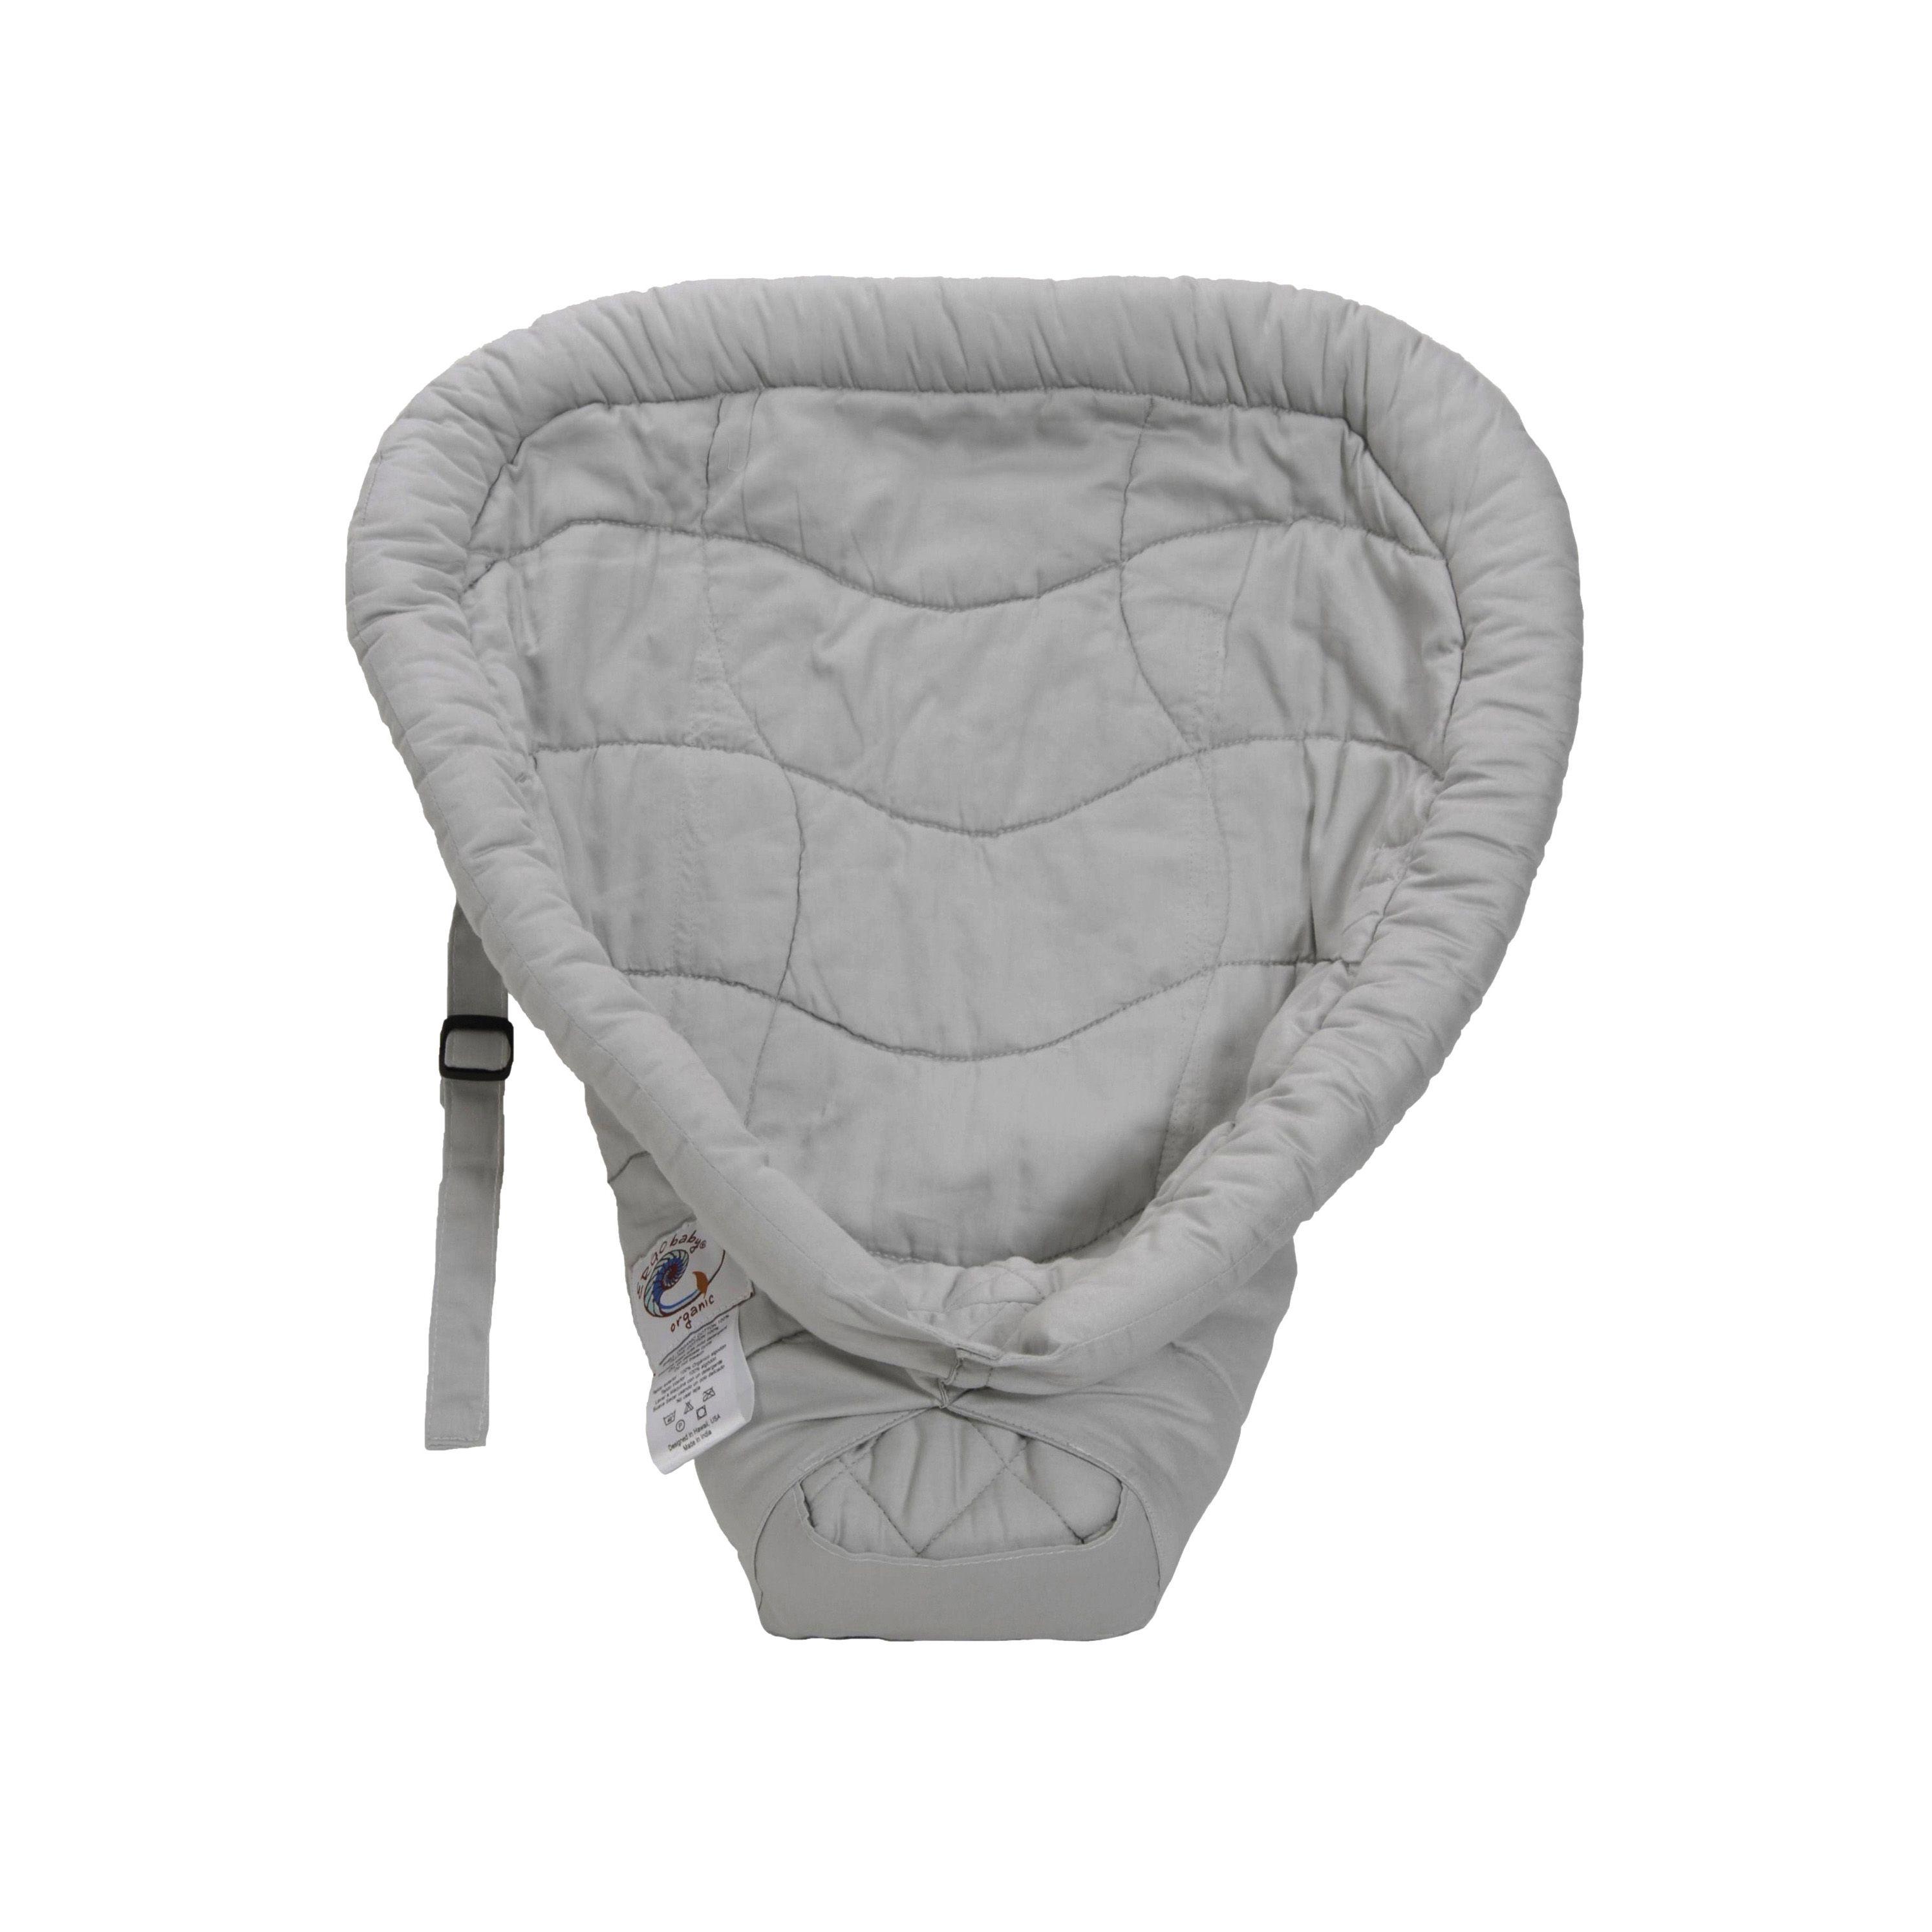 Coussin Coton Bio pour porte-bébé